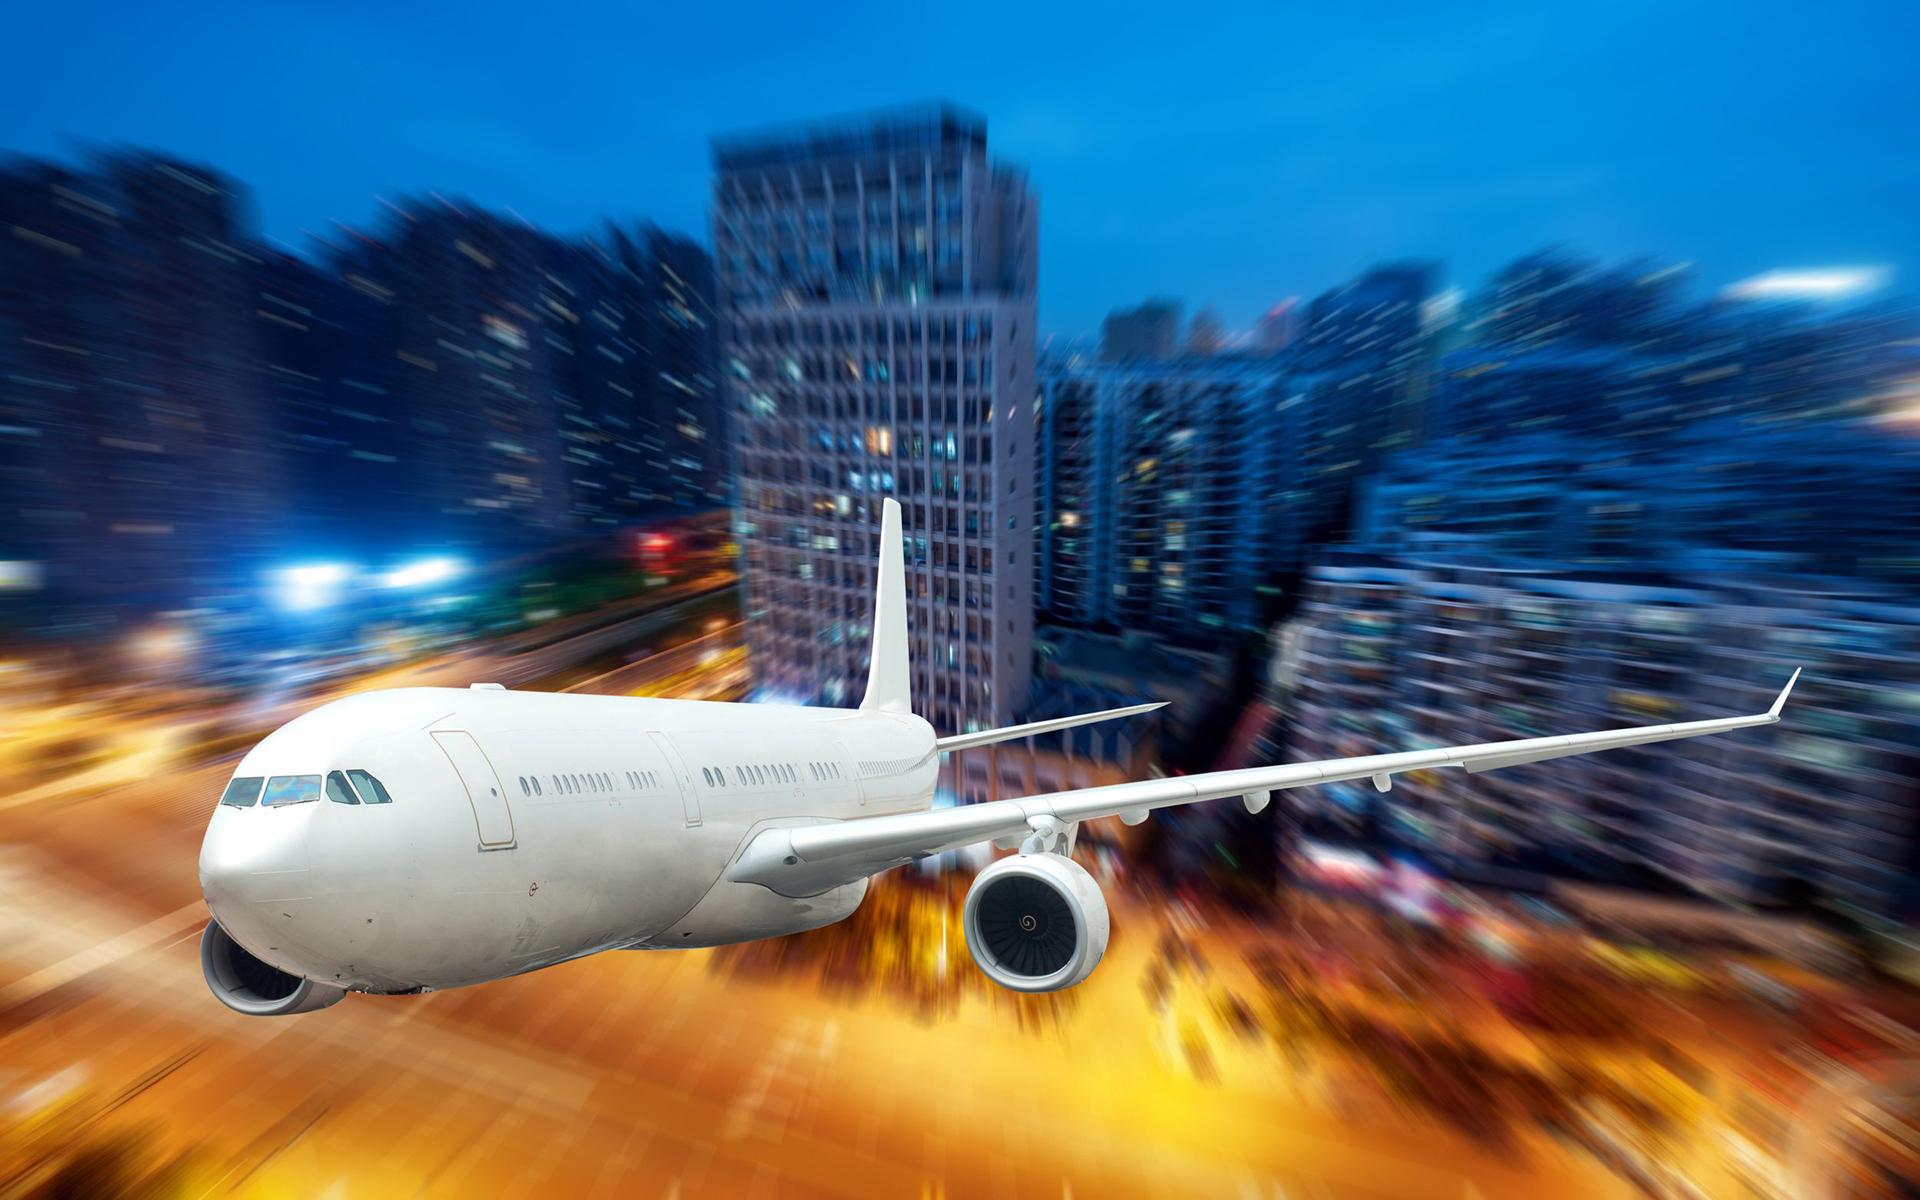 знакомства самолет летит на фоне города фото они должны храниться